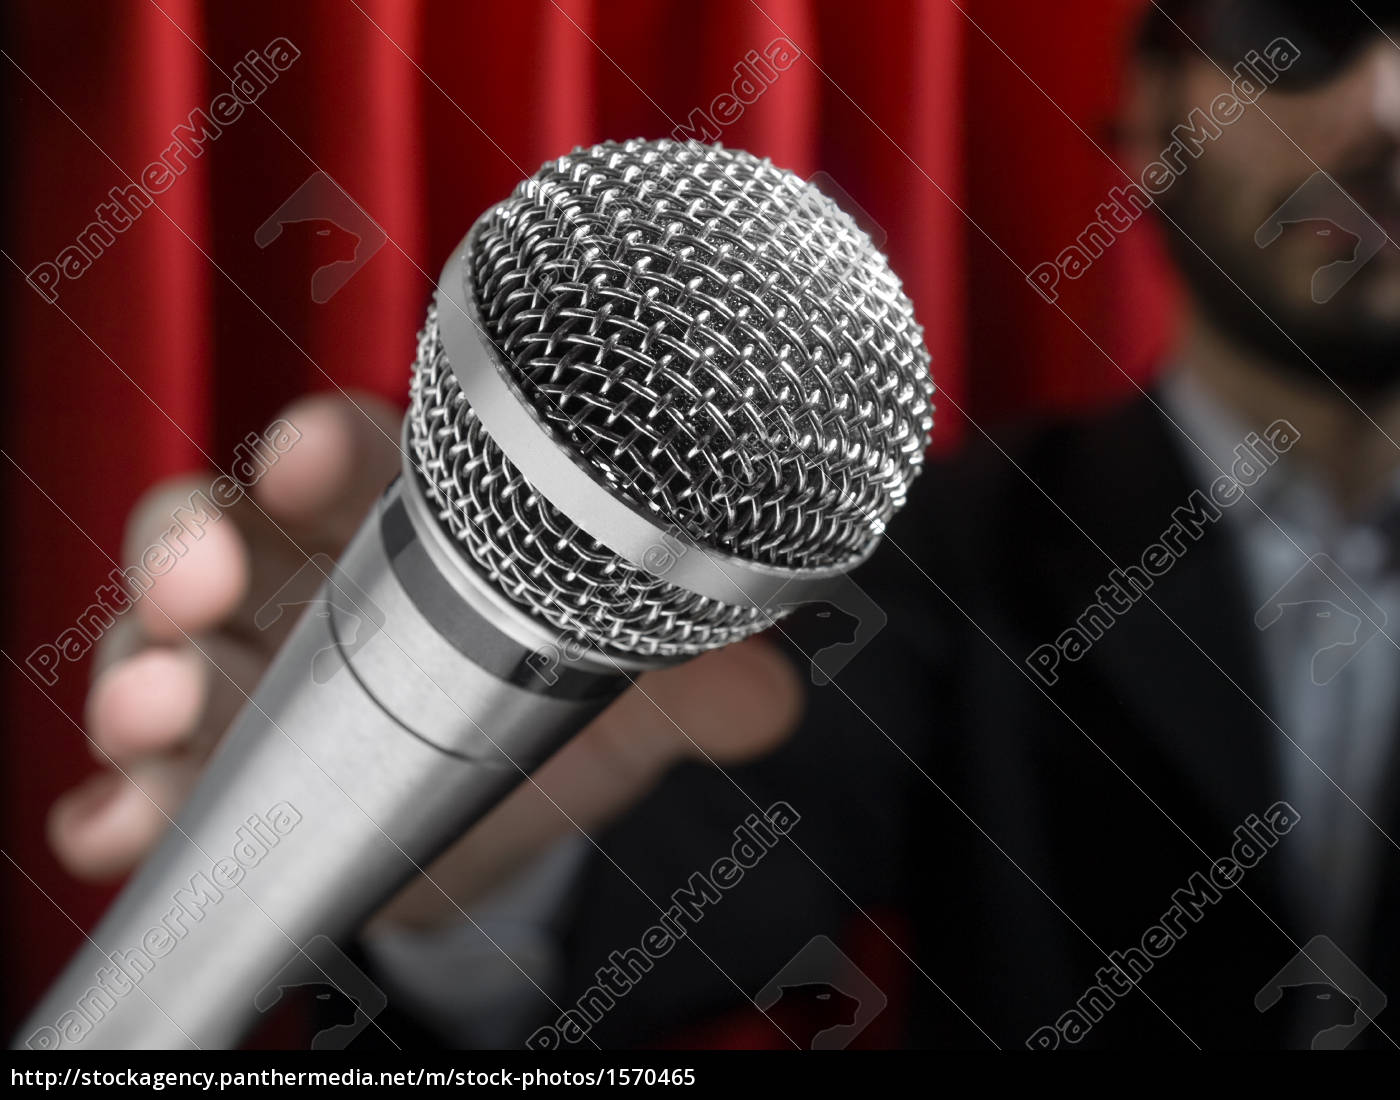 grab, the, mic - 1570465